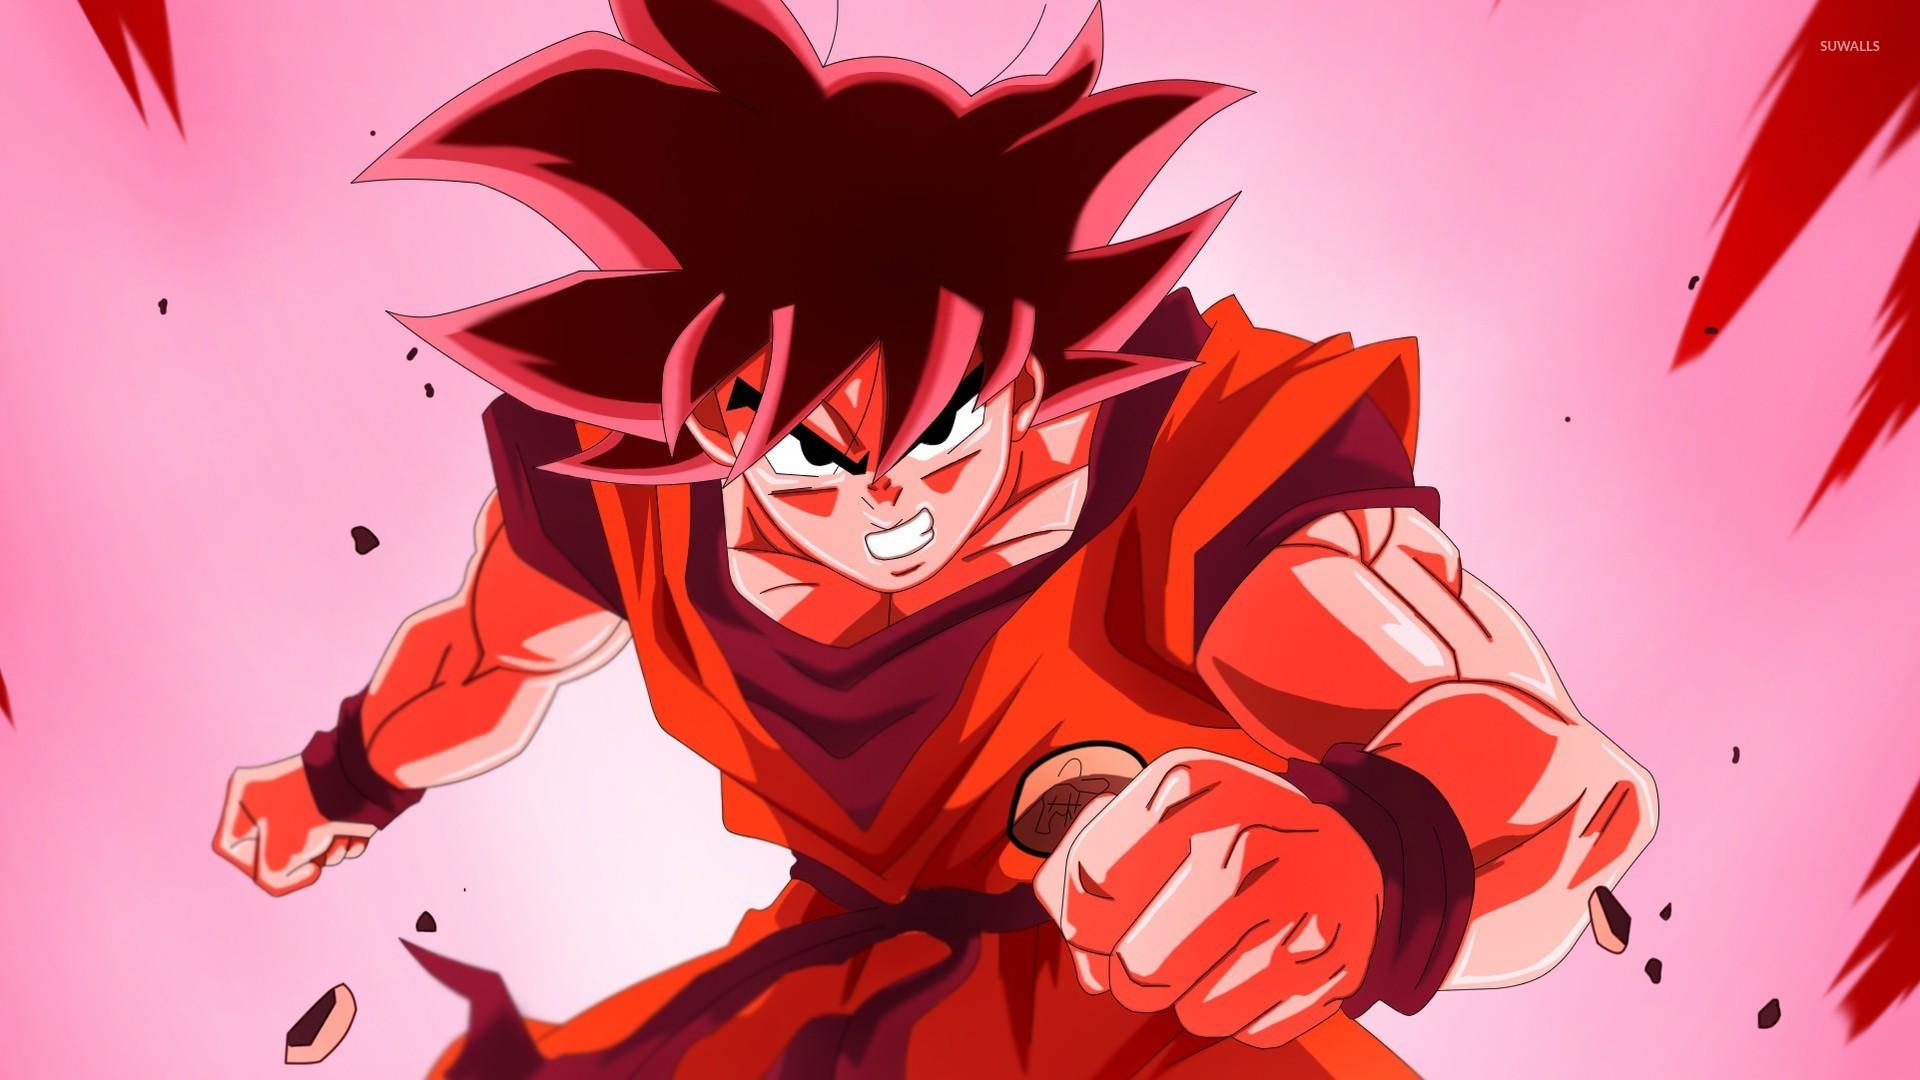 Goku   Dragon Ball Z wallpaper   Anime wallpapers   8769 1920x1080